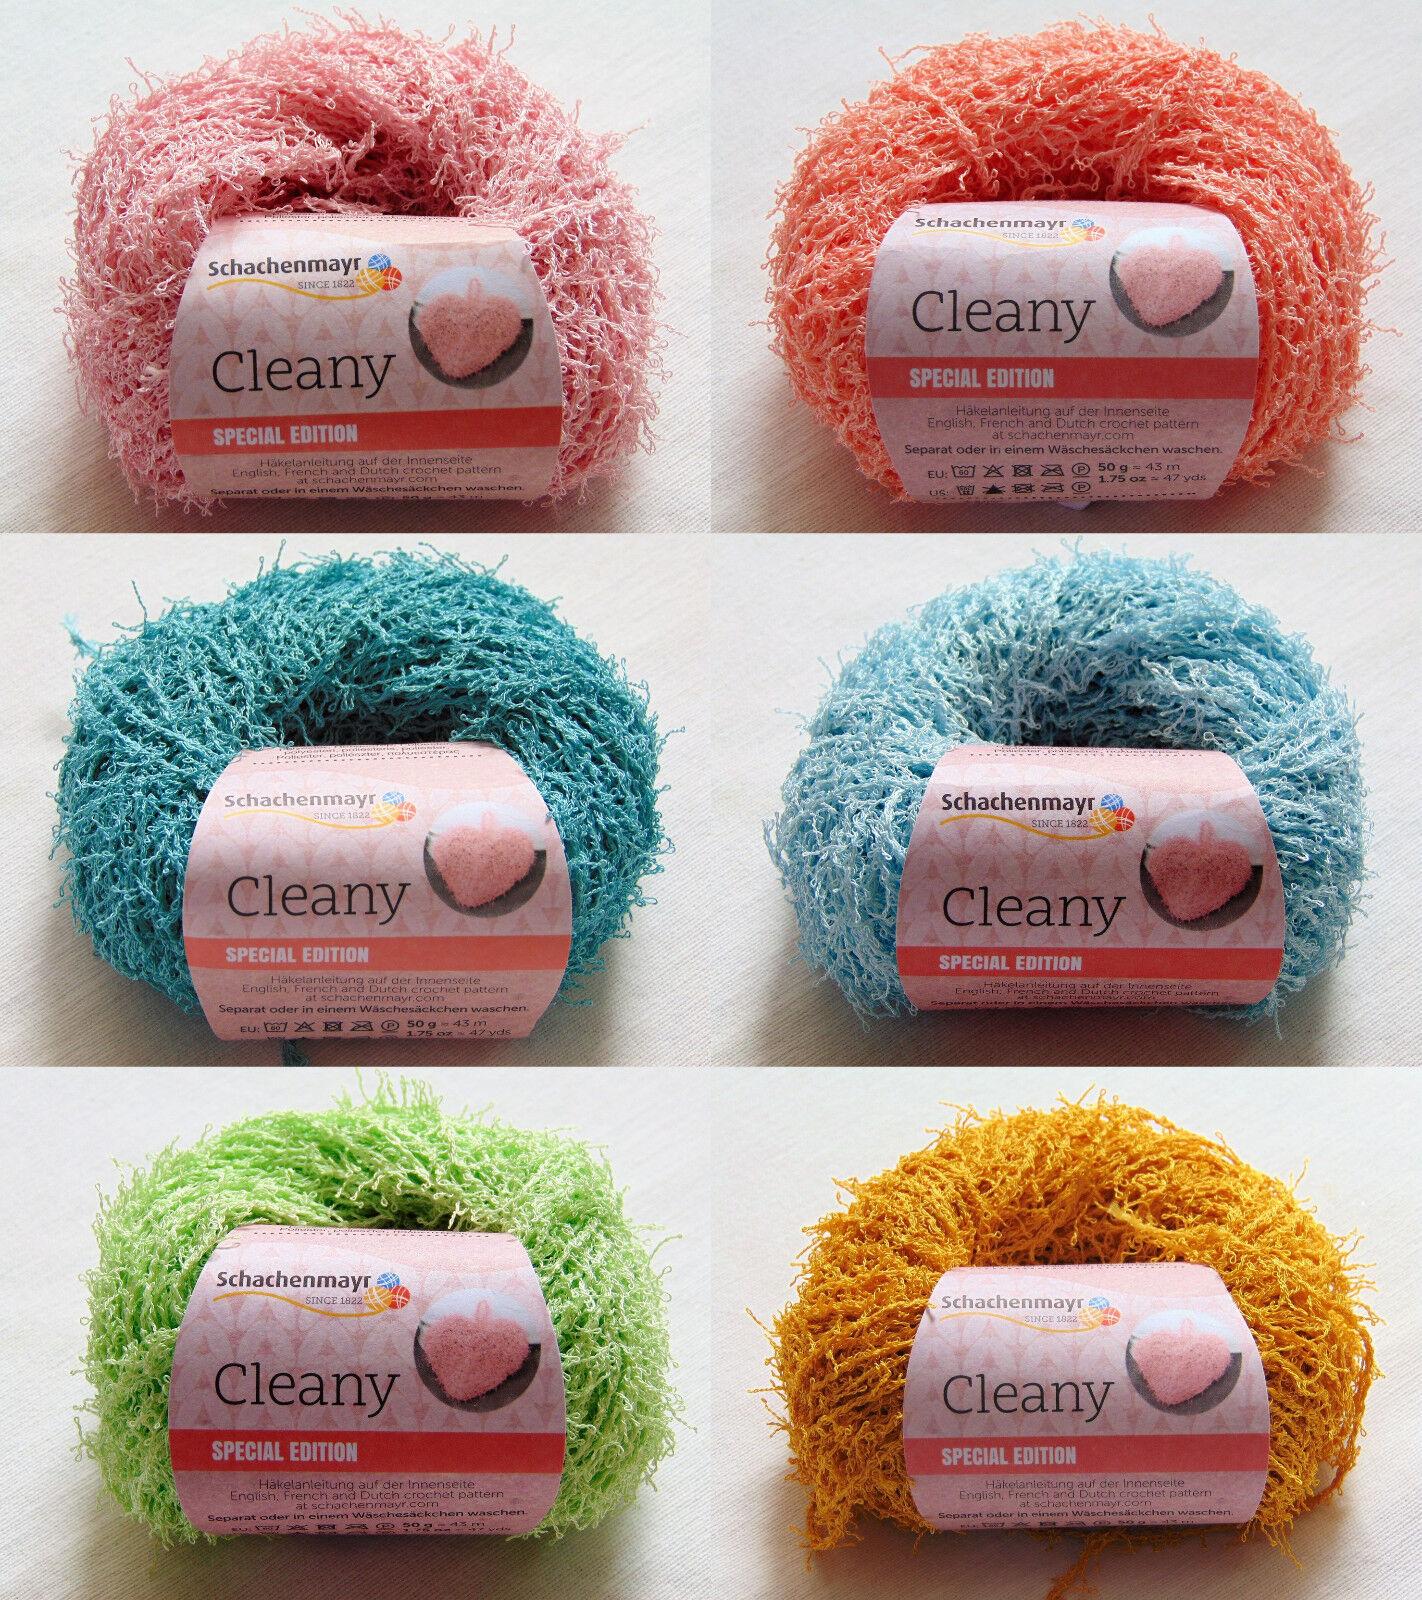 CLEANY - Schachenmayr - Sonderedition - Garn - 50 g - | Shopping ...